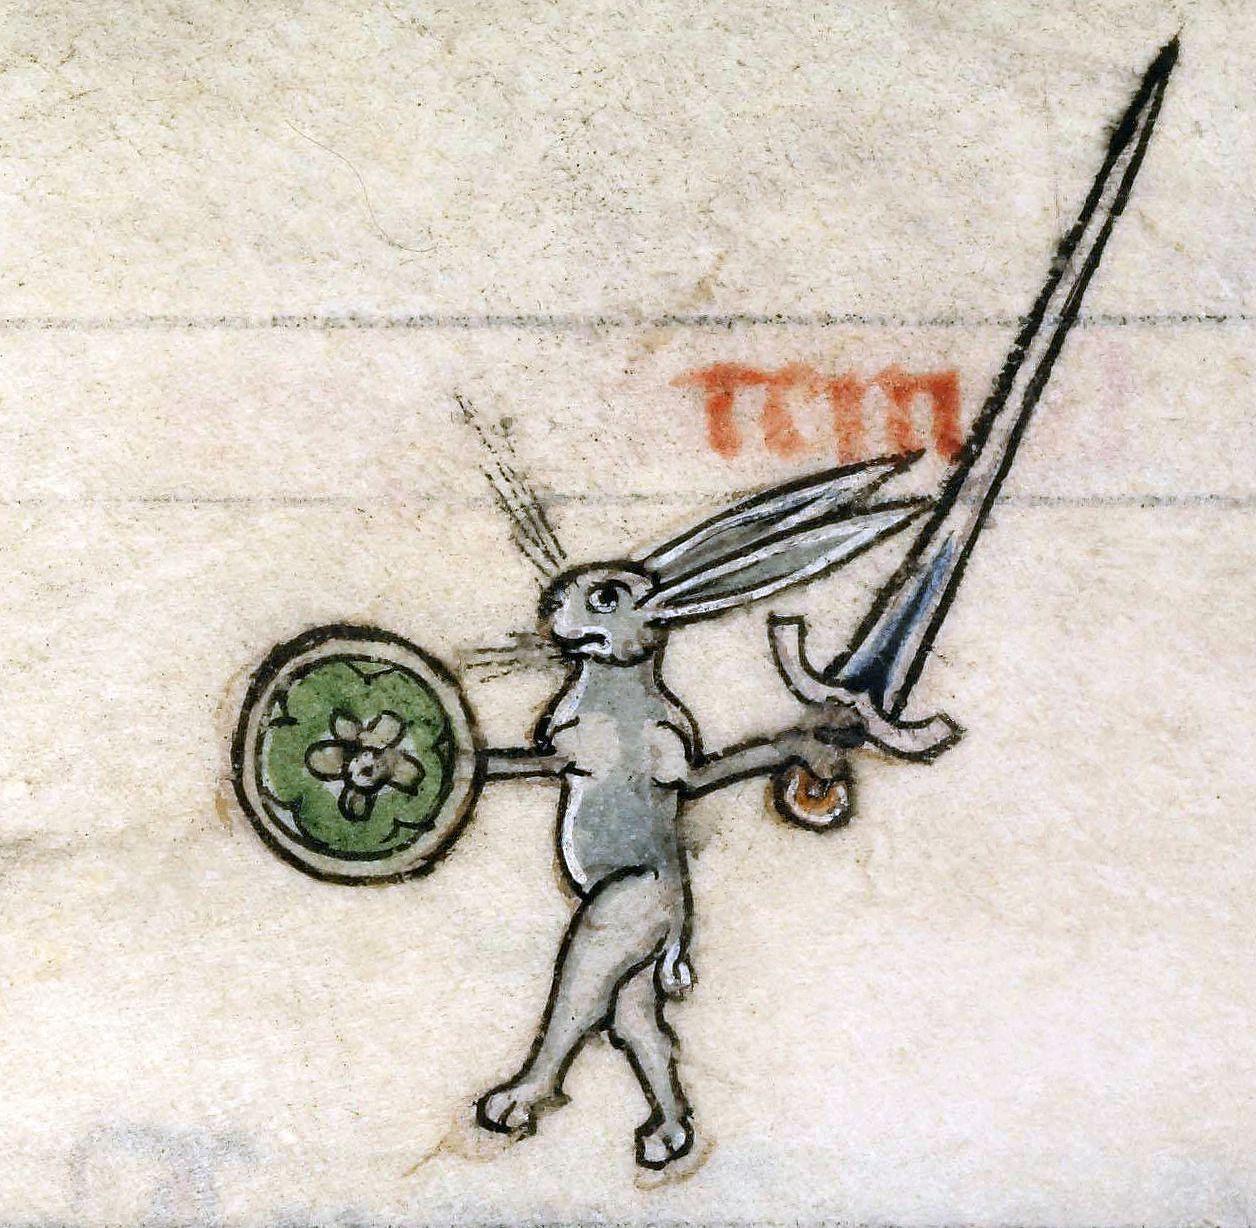 Drôlerie (enluminure marginale), extraite de Vincent de Beauvais (1184?–1264), Speculum historiale, France, vers 1294-1297, conservé à Boulogne-sur-Mer, Bibliothèque municipale, ms